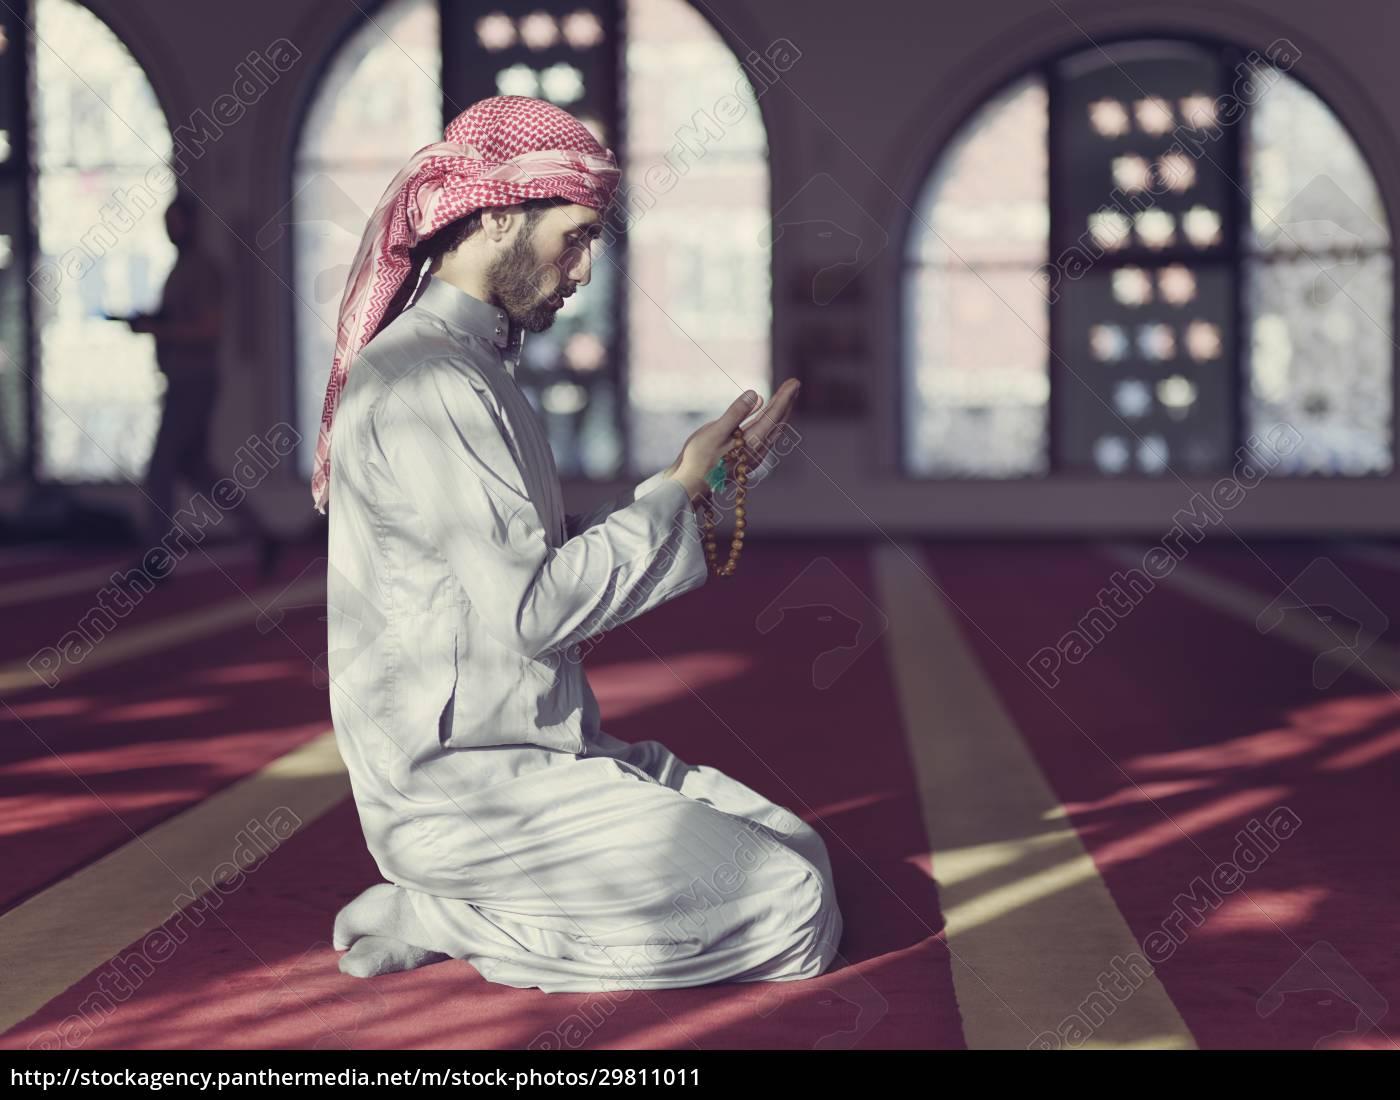 muslimisches, gebet, in, der, moschee - 29811011